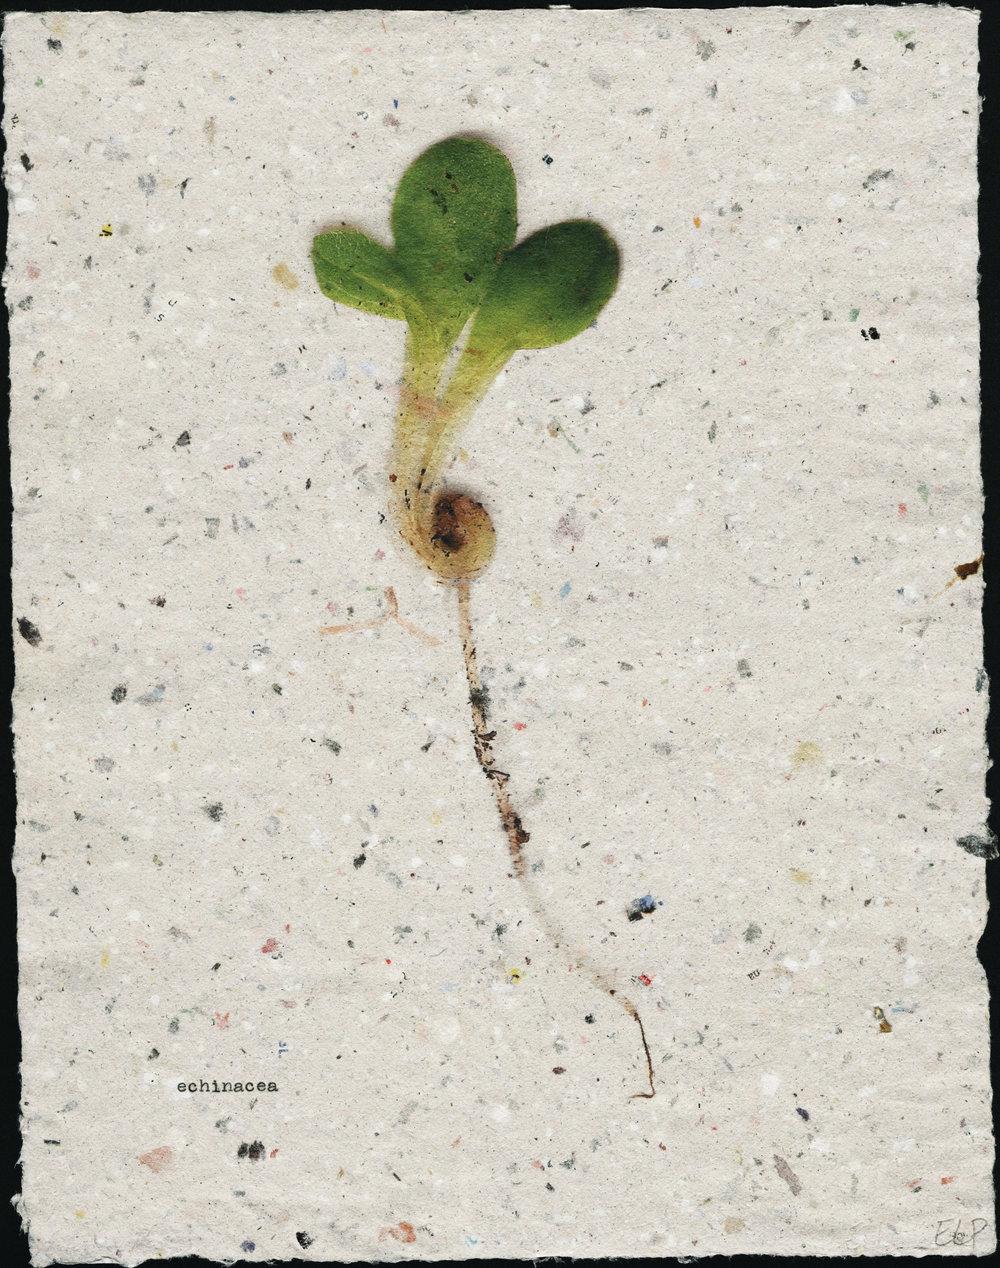 seedling: echinacea